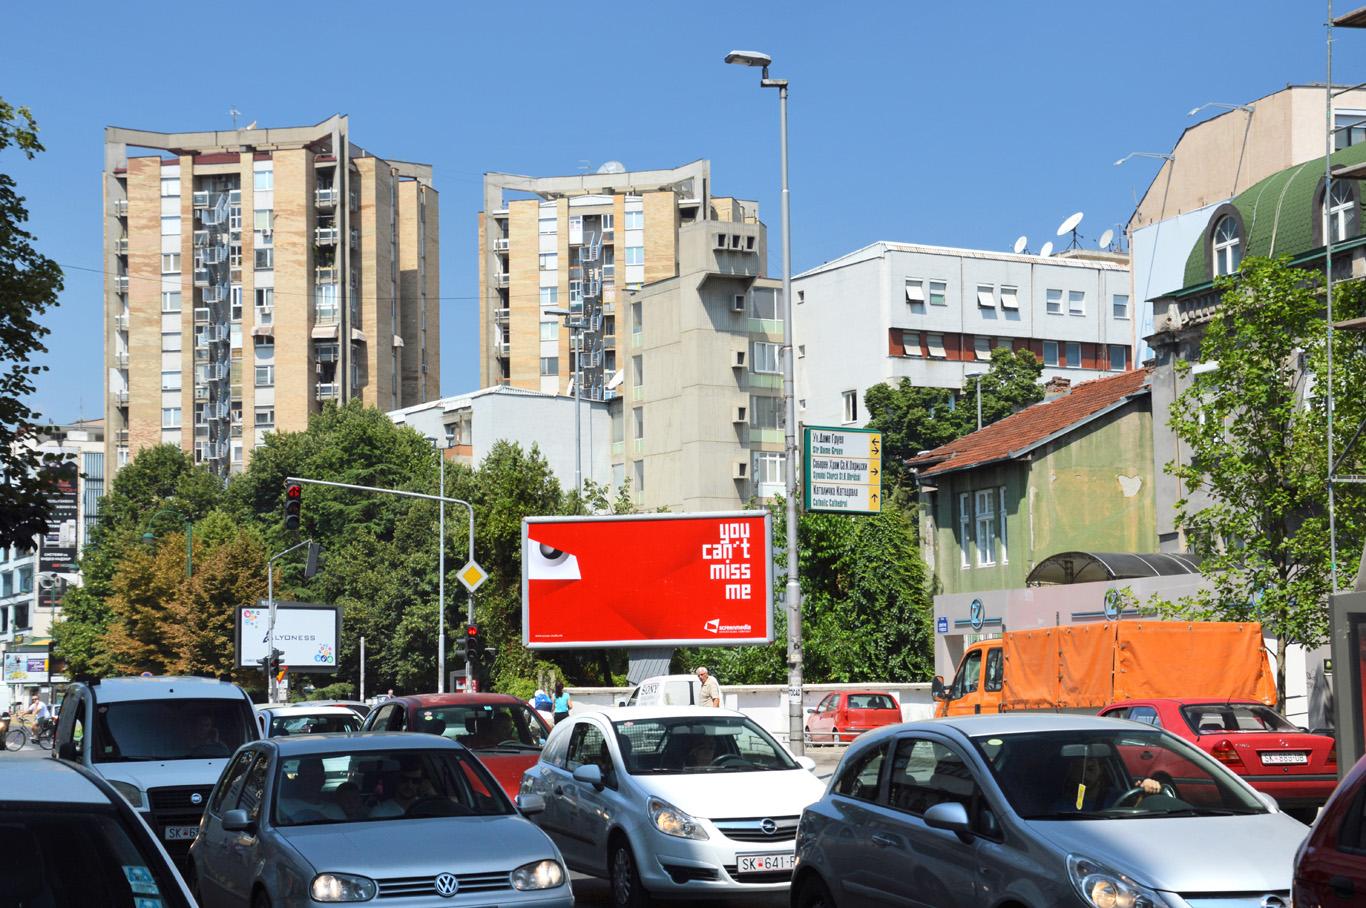 Apartment blocks in Skopje